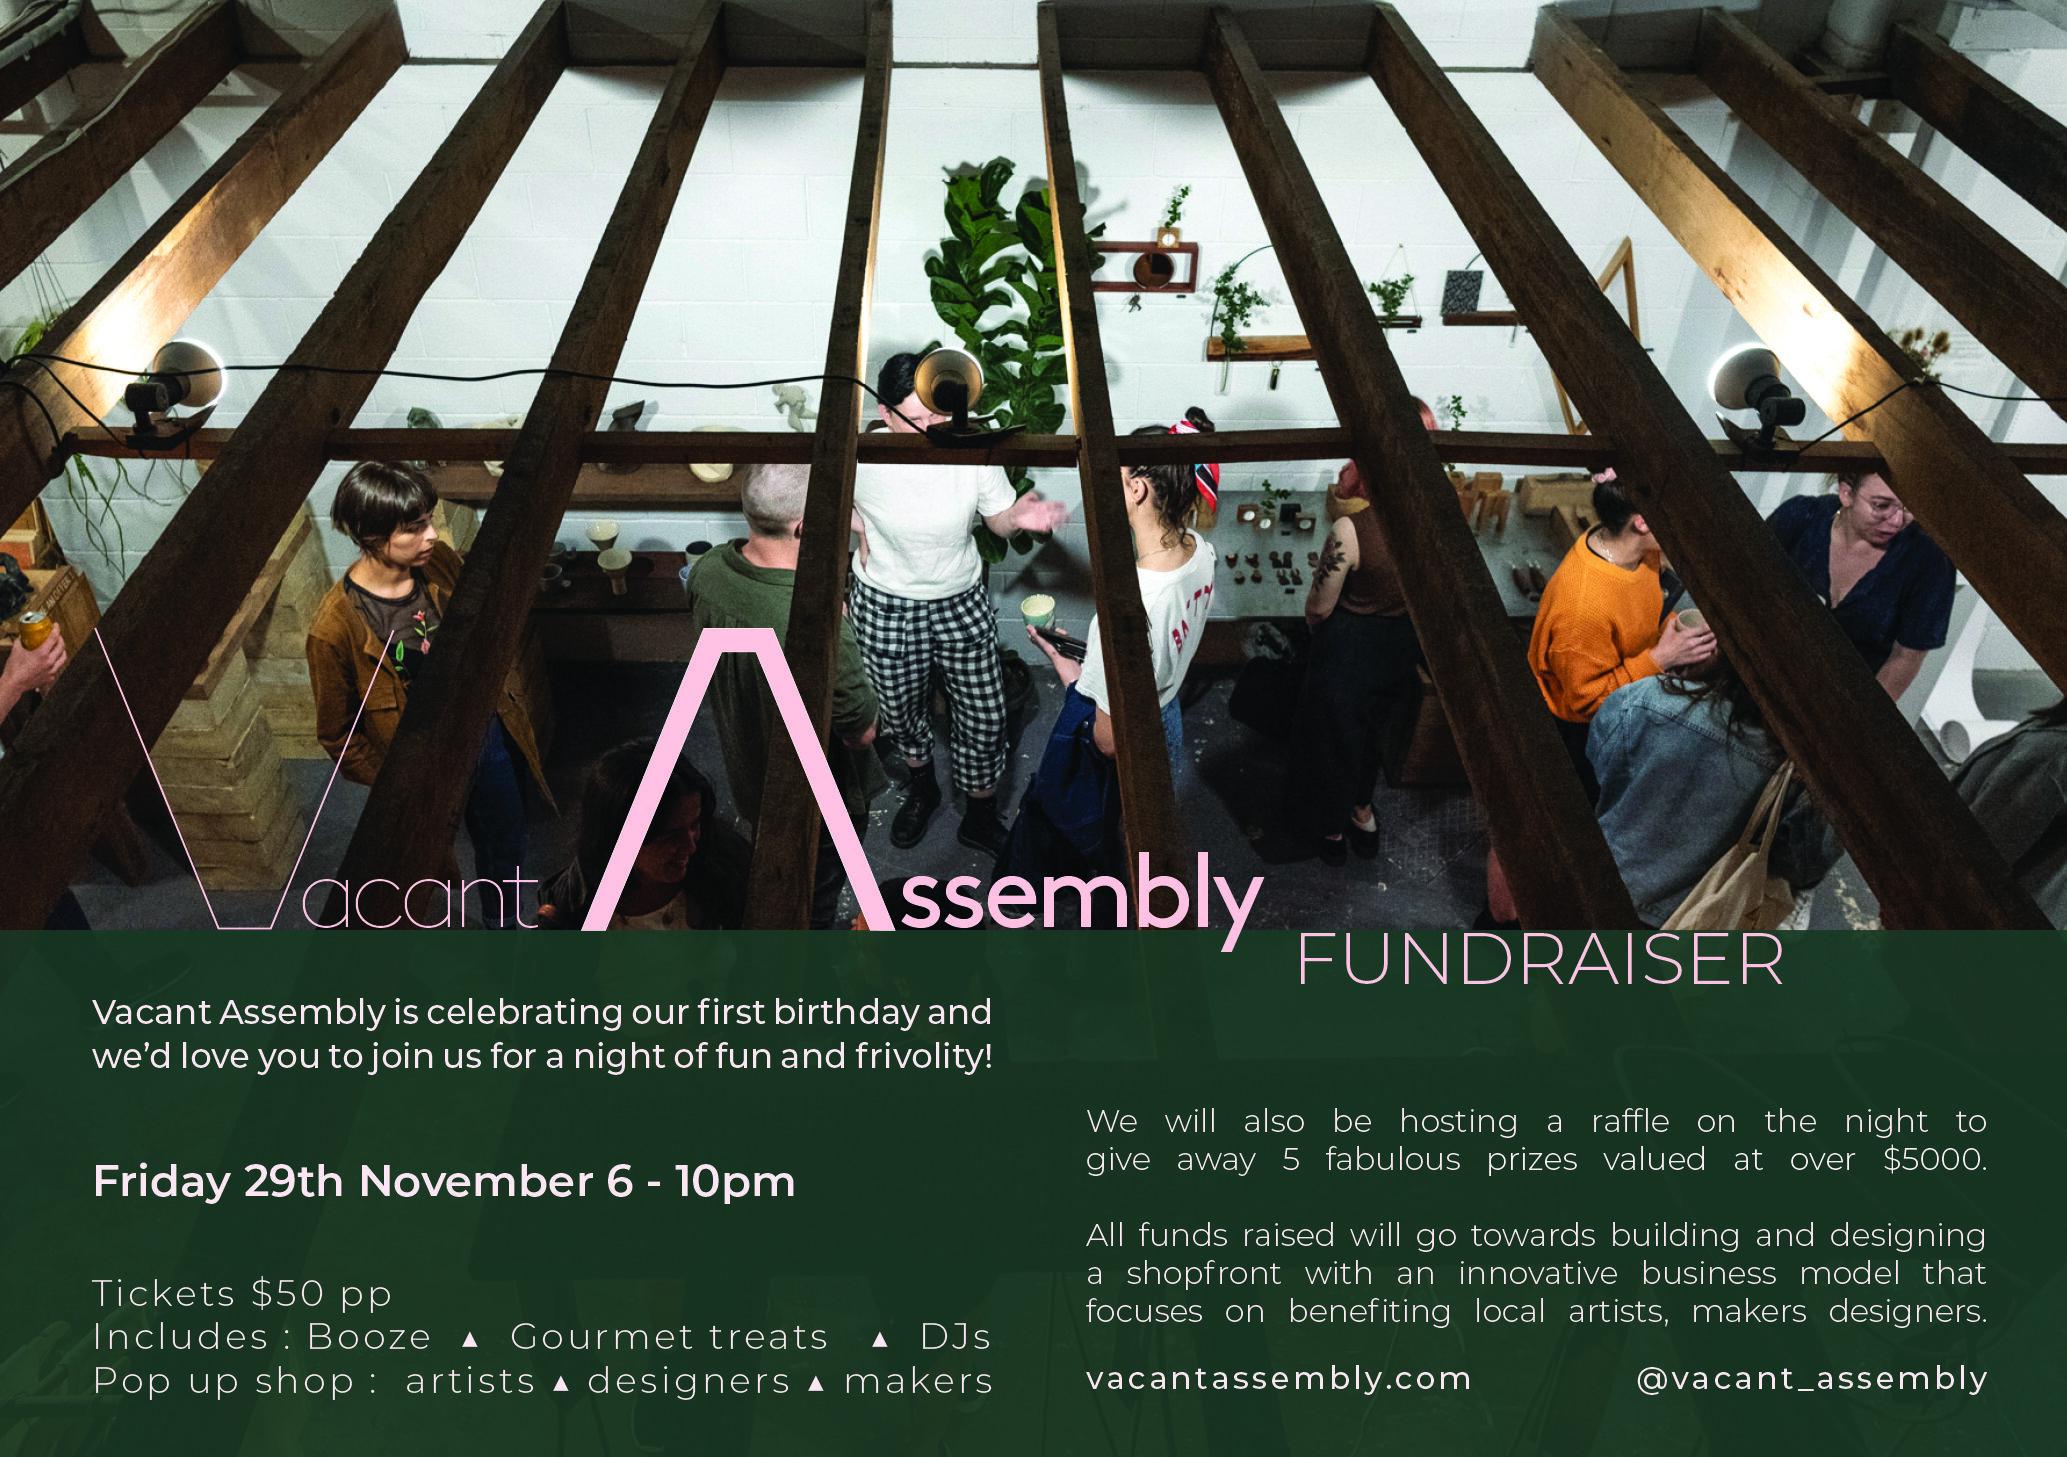 VA fundraiser_poster A5 (1).jpg